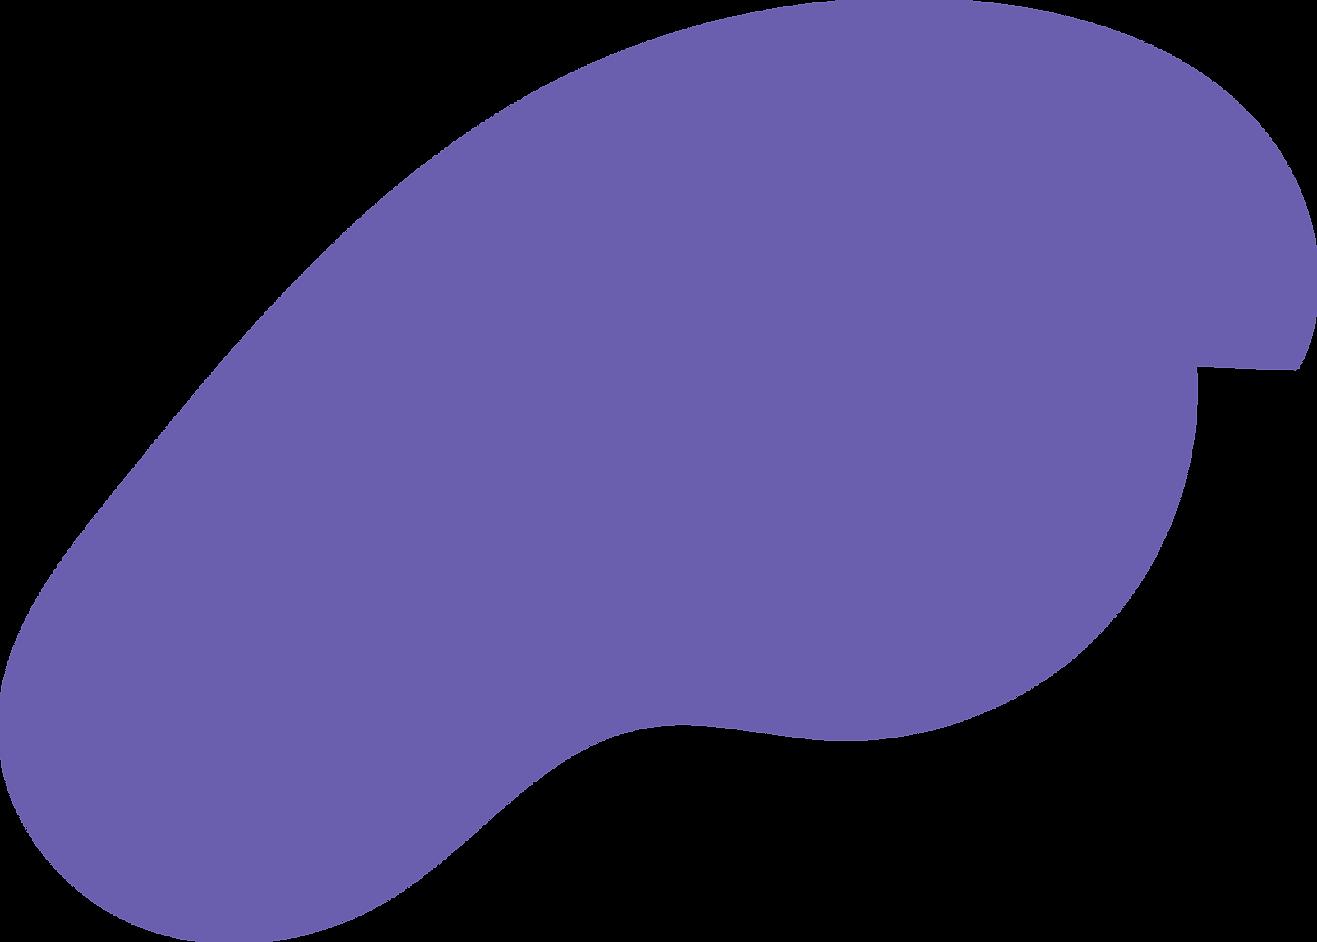 dark violet shape.png